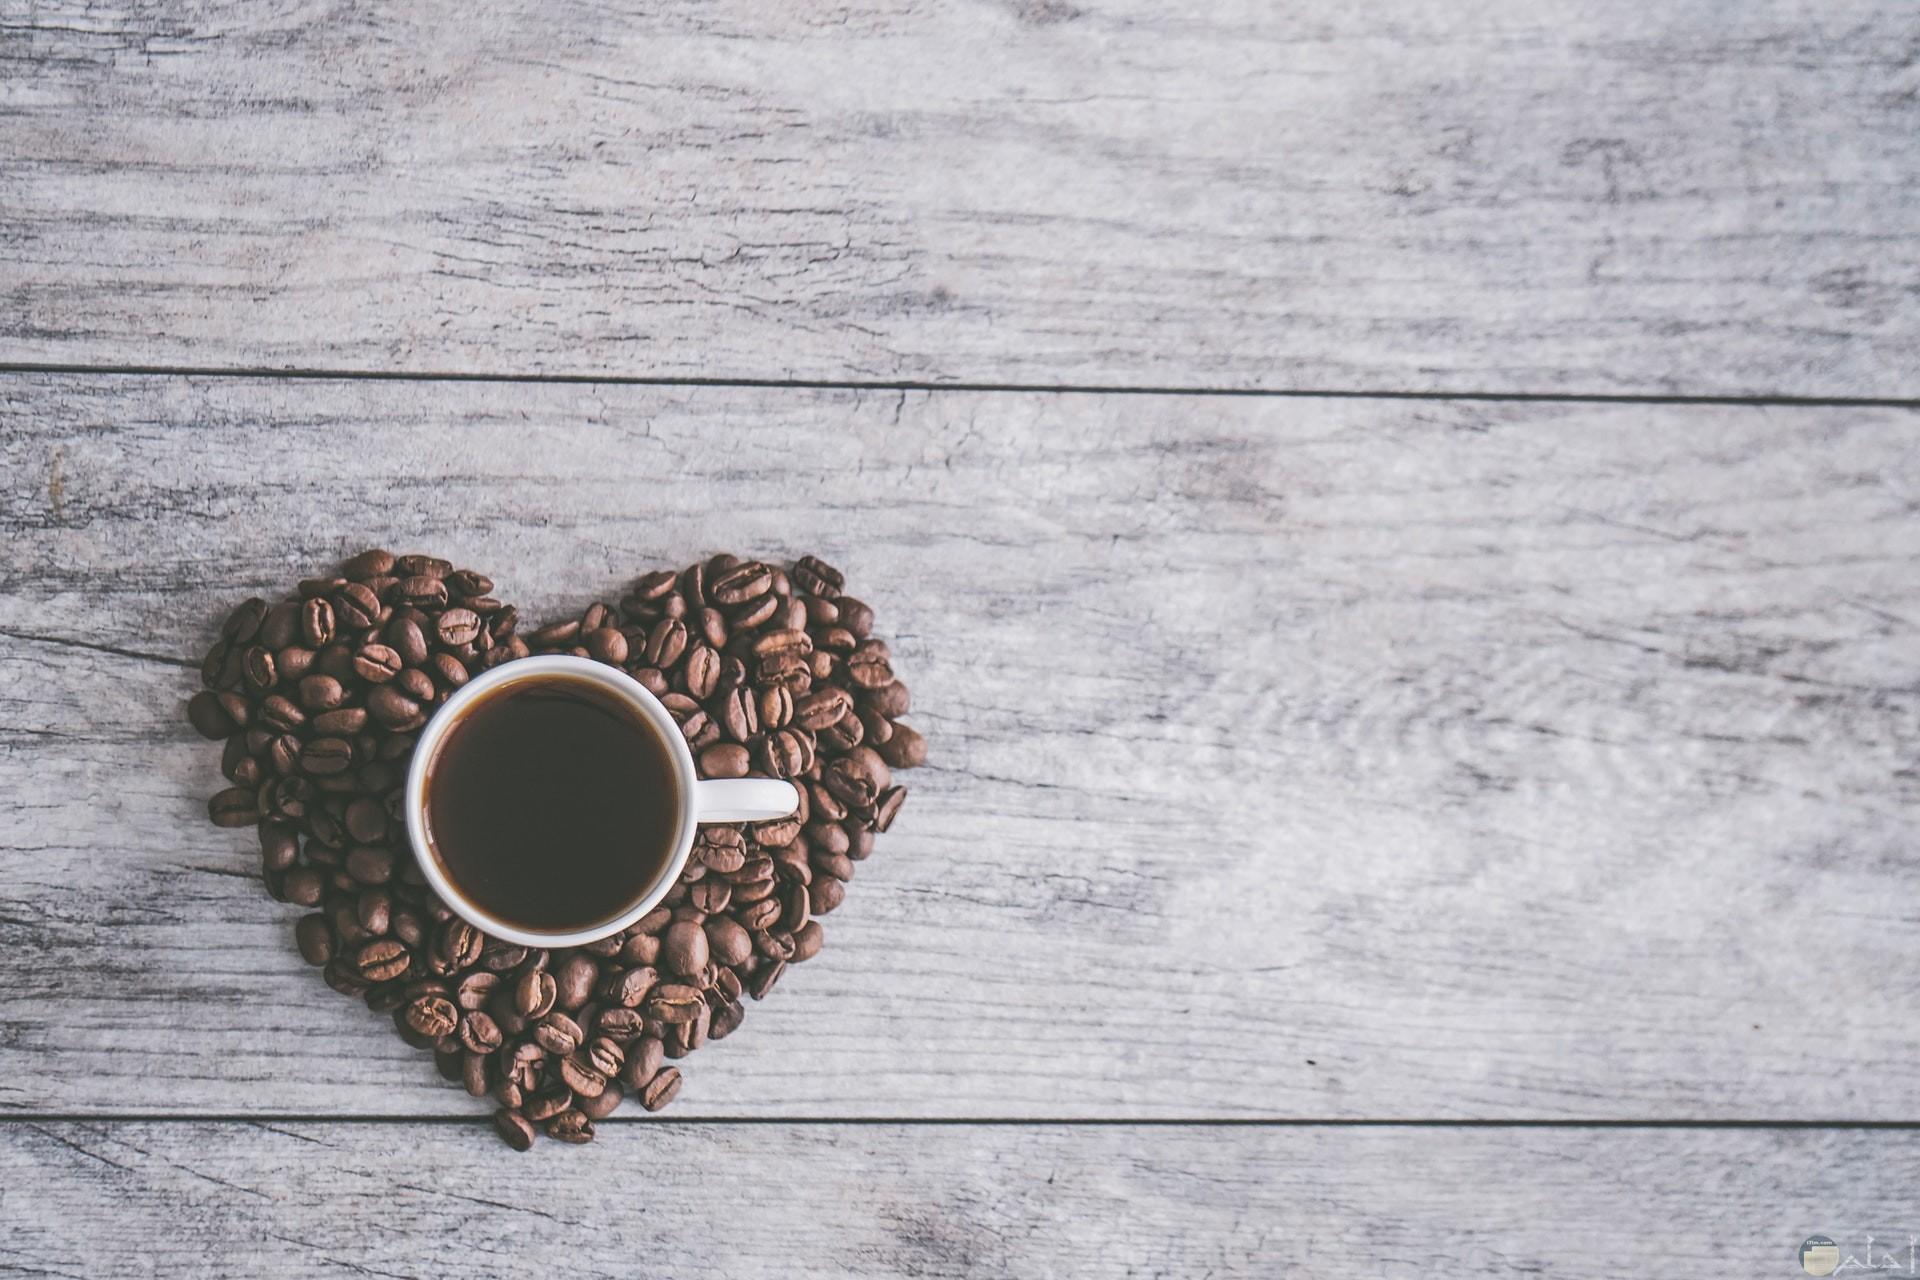 صورة جميلة جدا لقلب من البن وفوقه فنجان قهوة